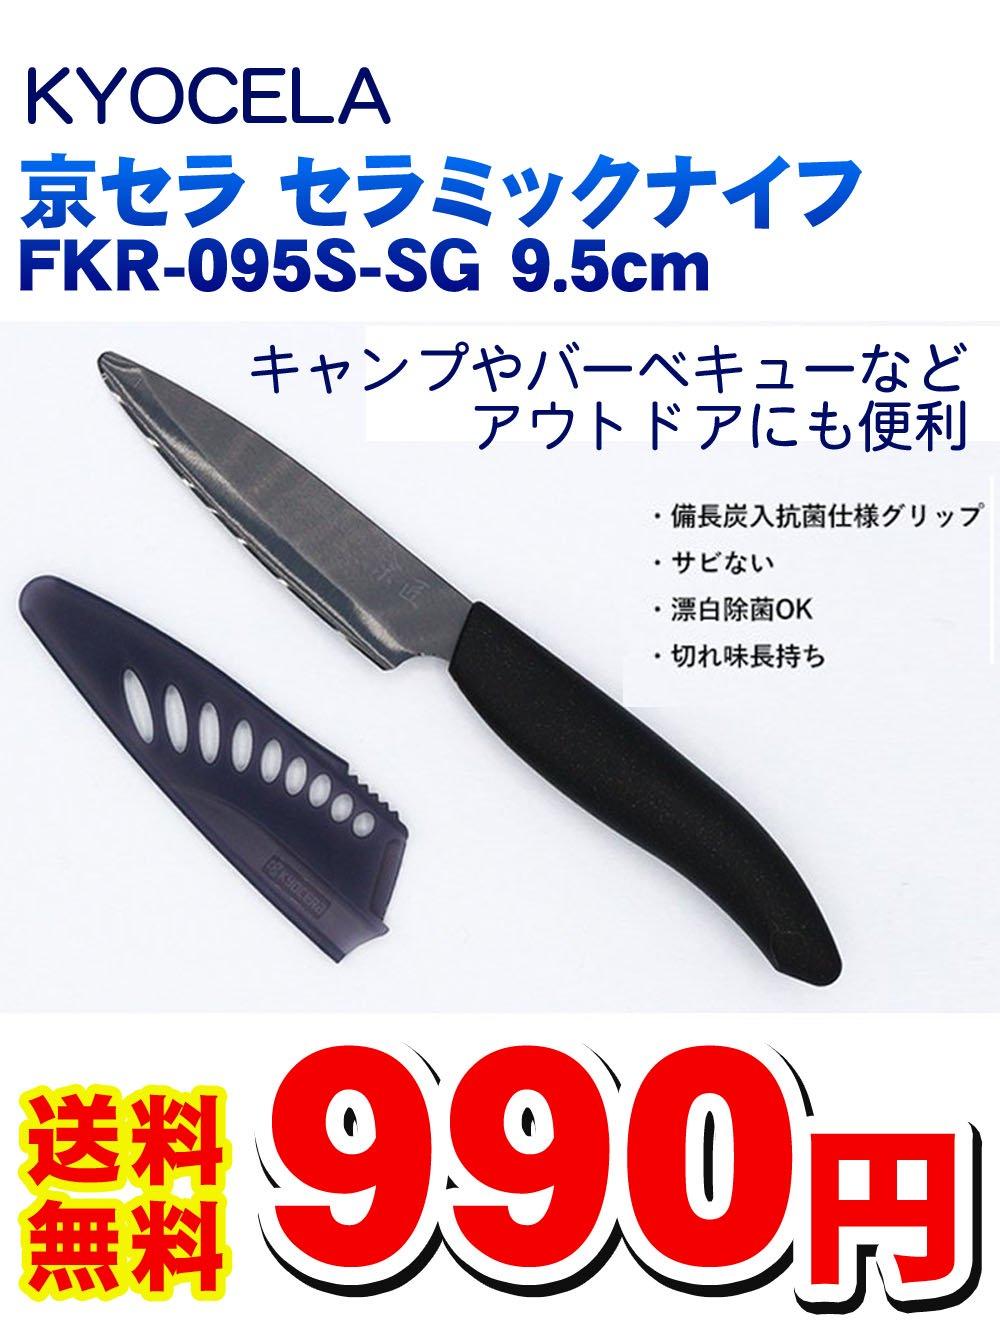 送料無料【京セラ セラミックナイフ990円】FKR-095S-SG 9.5cm ペティナイフ アウトドアにも♪